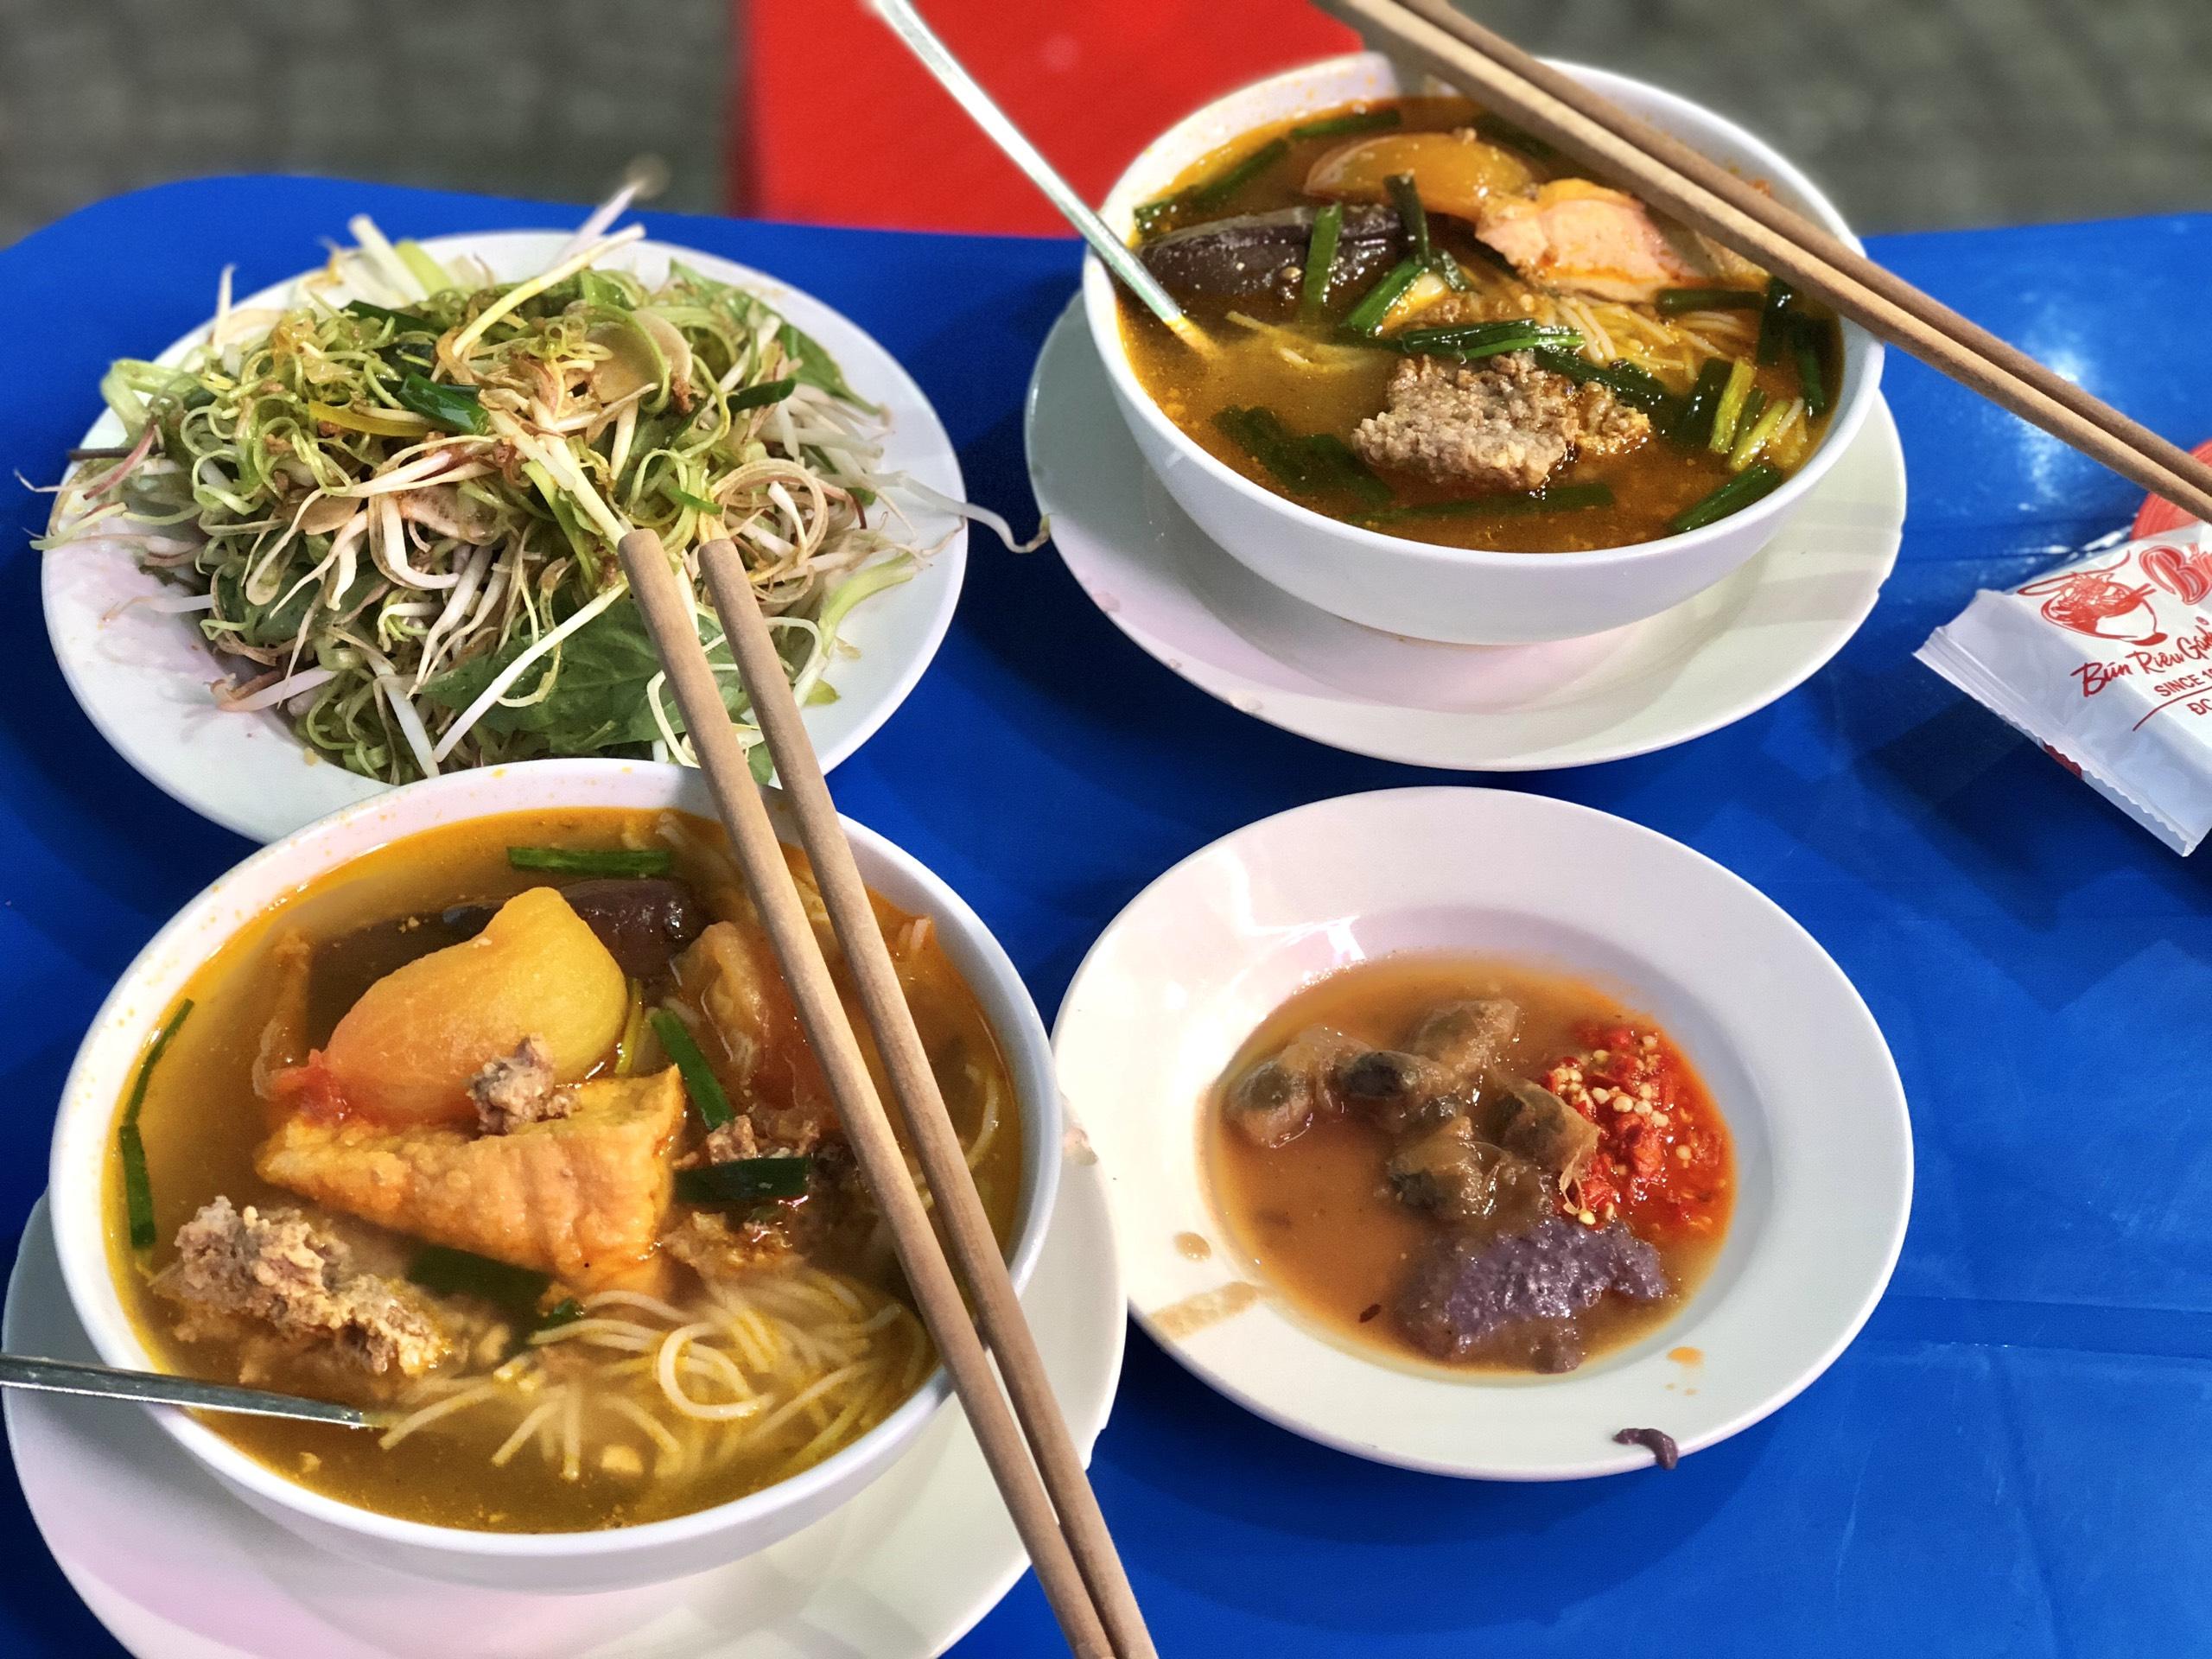 Gợi ý những trải nghiệm không nên bỏ lỡ nếu chỉ có 24 giờ khám phá Sài Gòn - Ảnh 4.